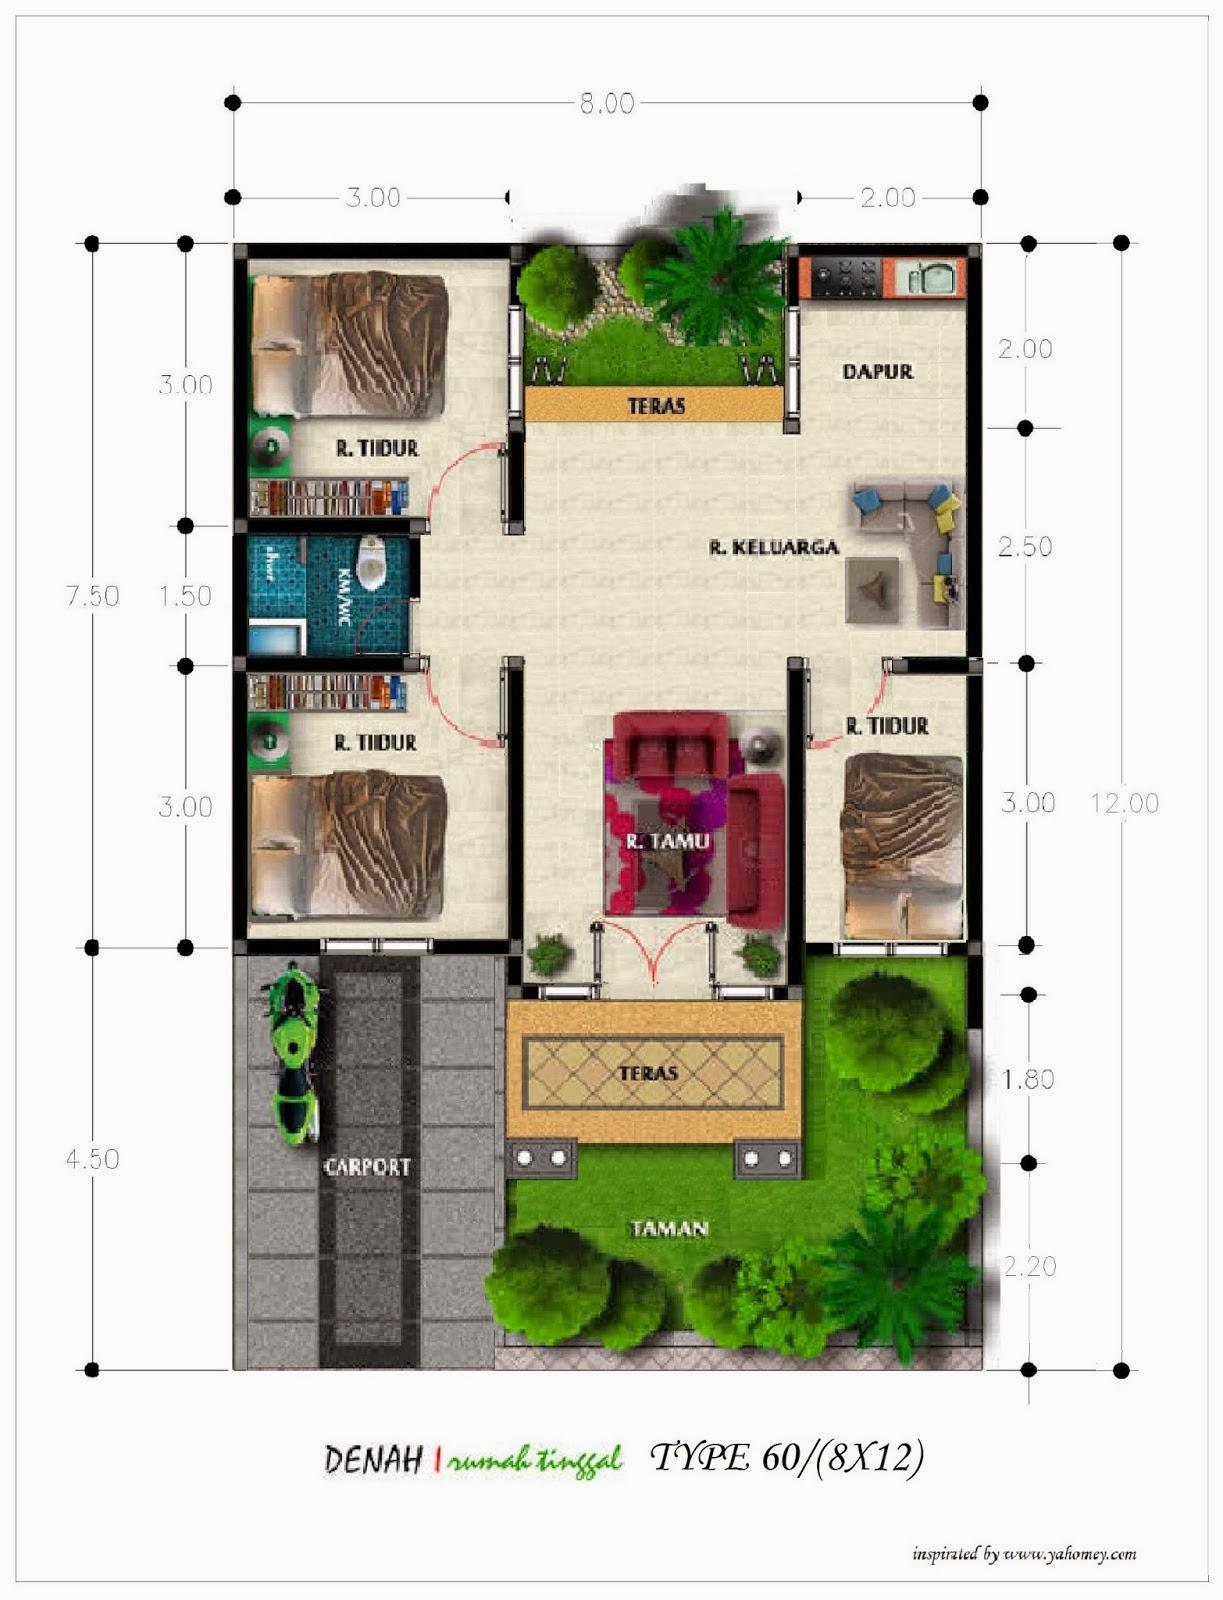 Desain Interior Rumah Minimalis Type 60 Gambar Rumah Minimalis